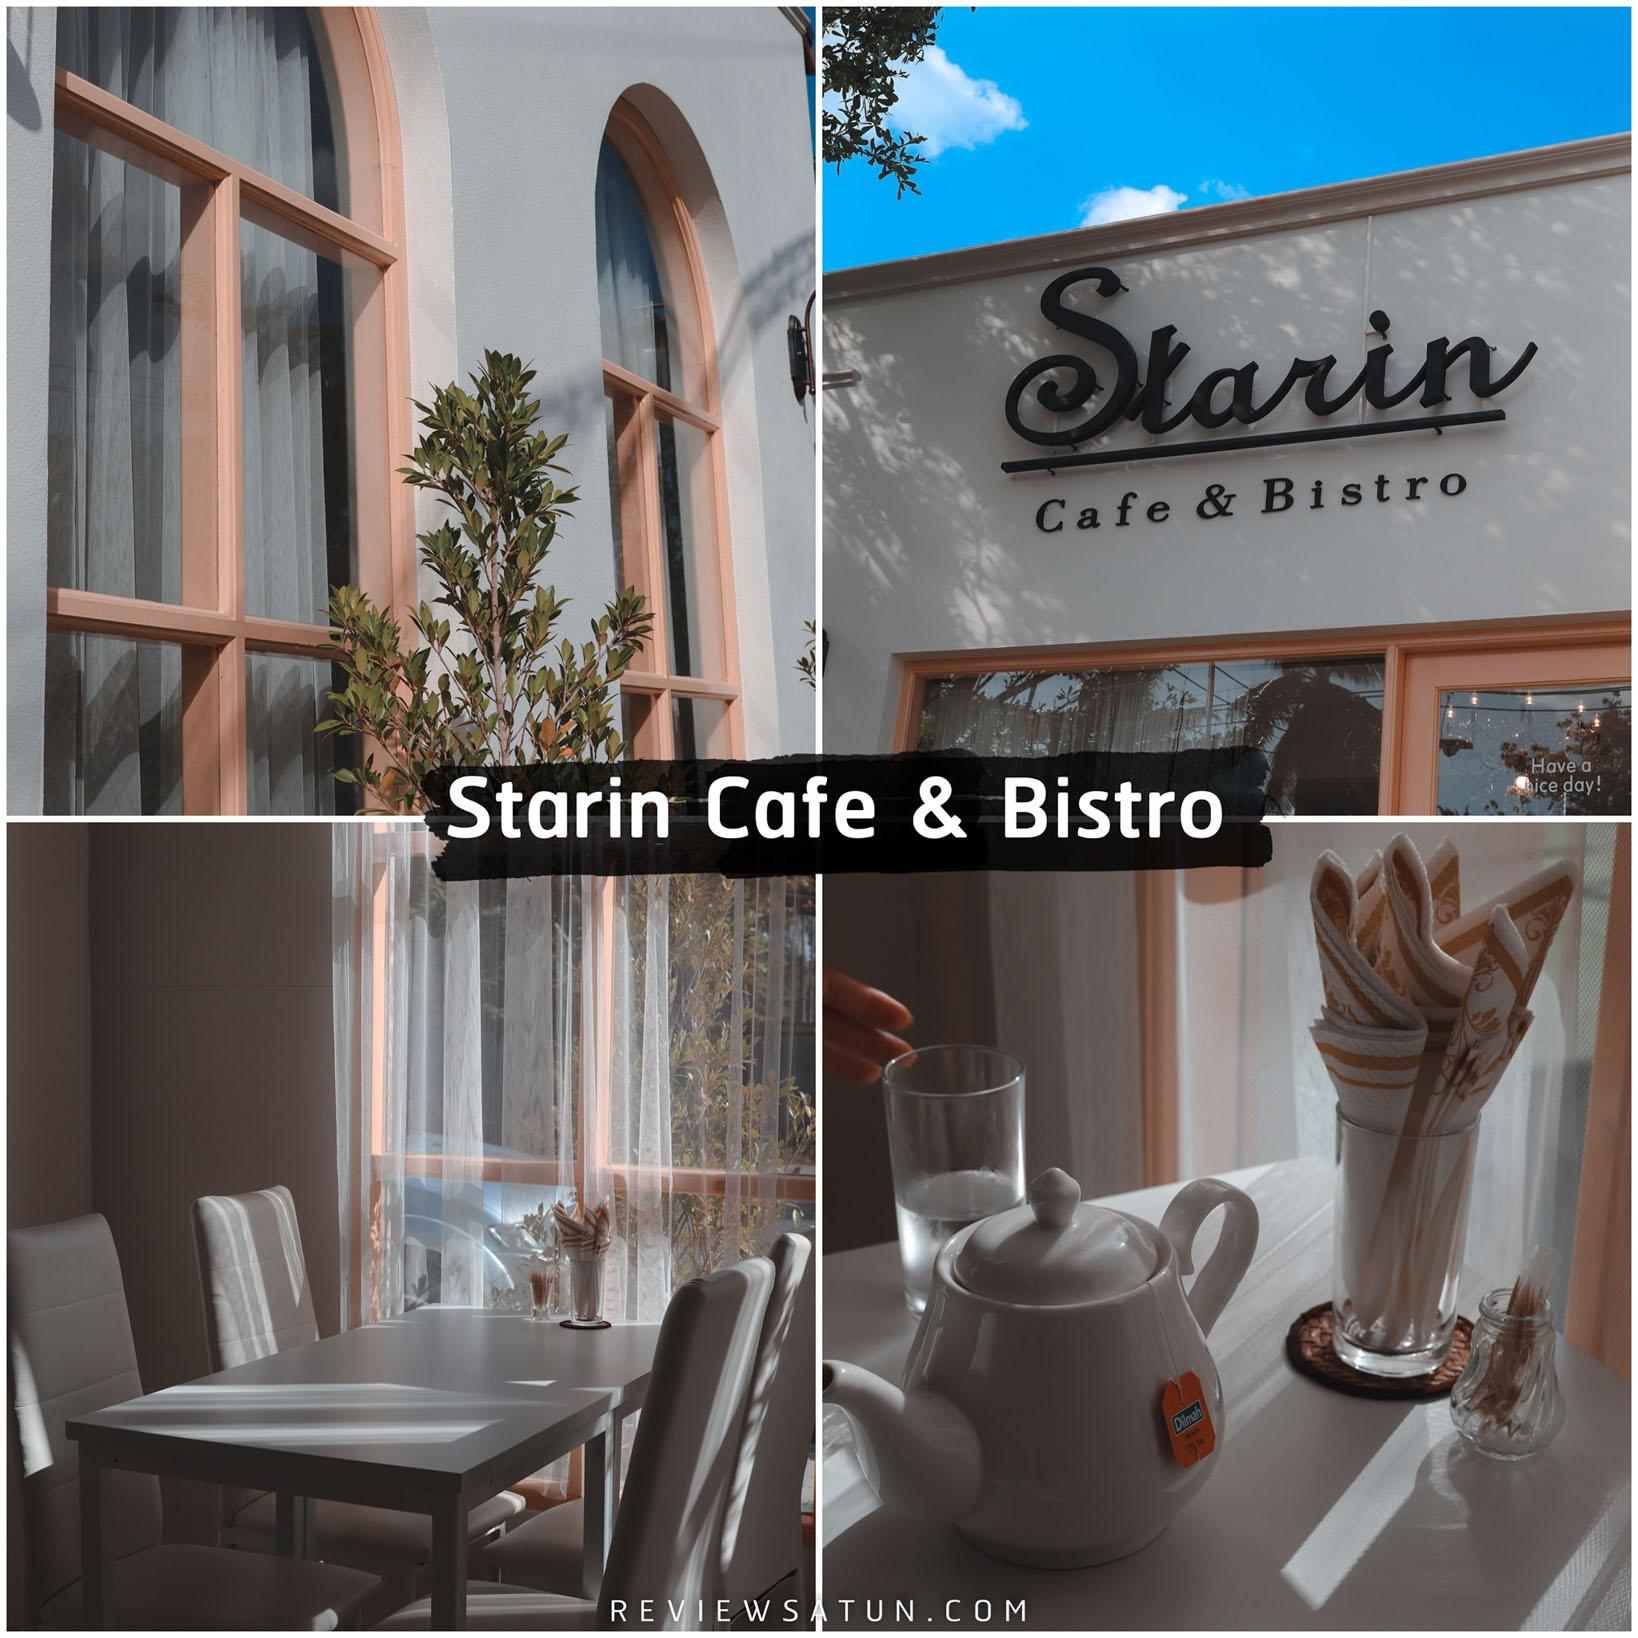 starin cafe&bistro ร้านกาแฟสไตล์มินิมอลที่มีทั้งอาหารคาวและหวานให้เลือกชิมกันได้